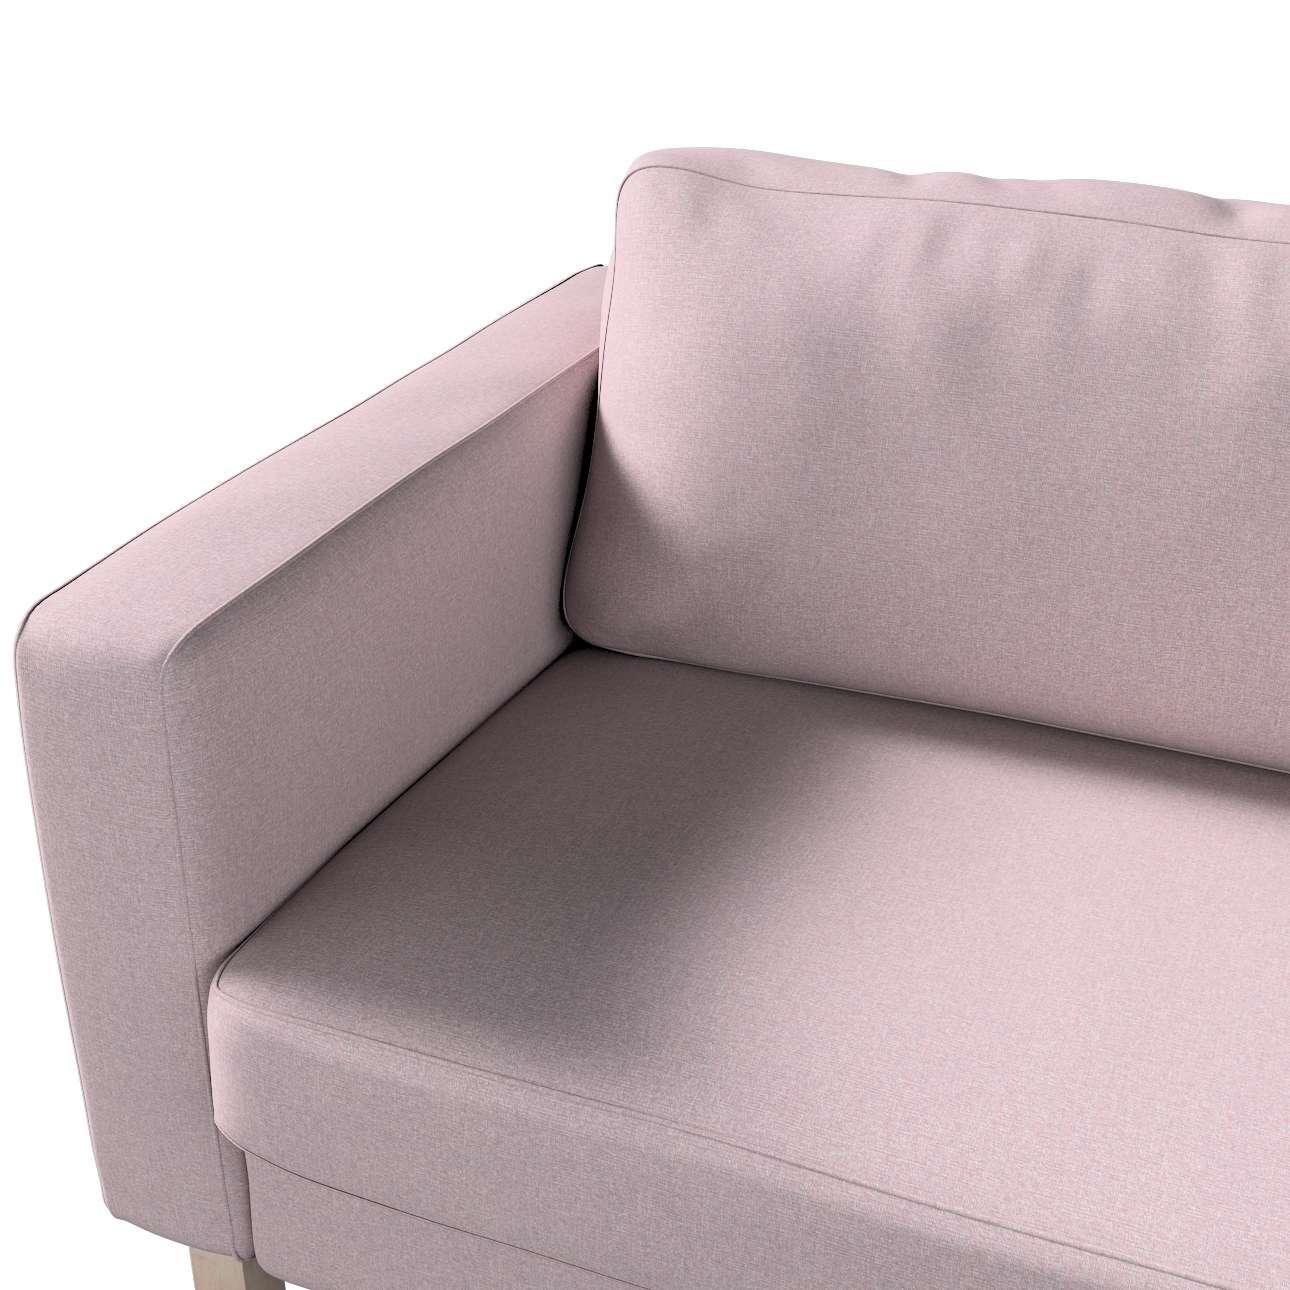 Pokrowiec na sofę Karlstad 3-osobową nierozkładaną, krótki w kolekcji Amsterdam, tkanina: 704-51